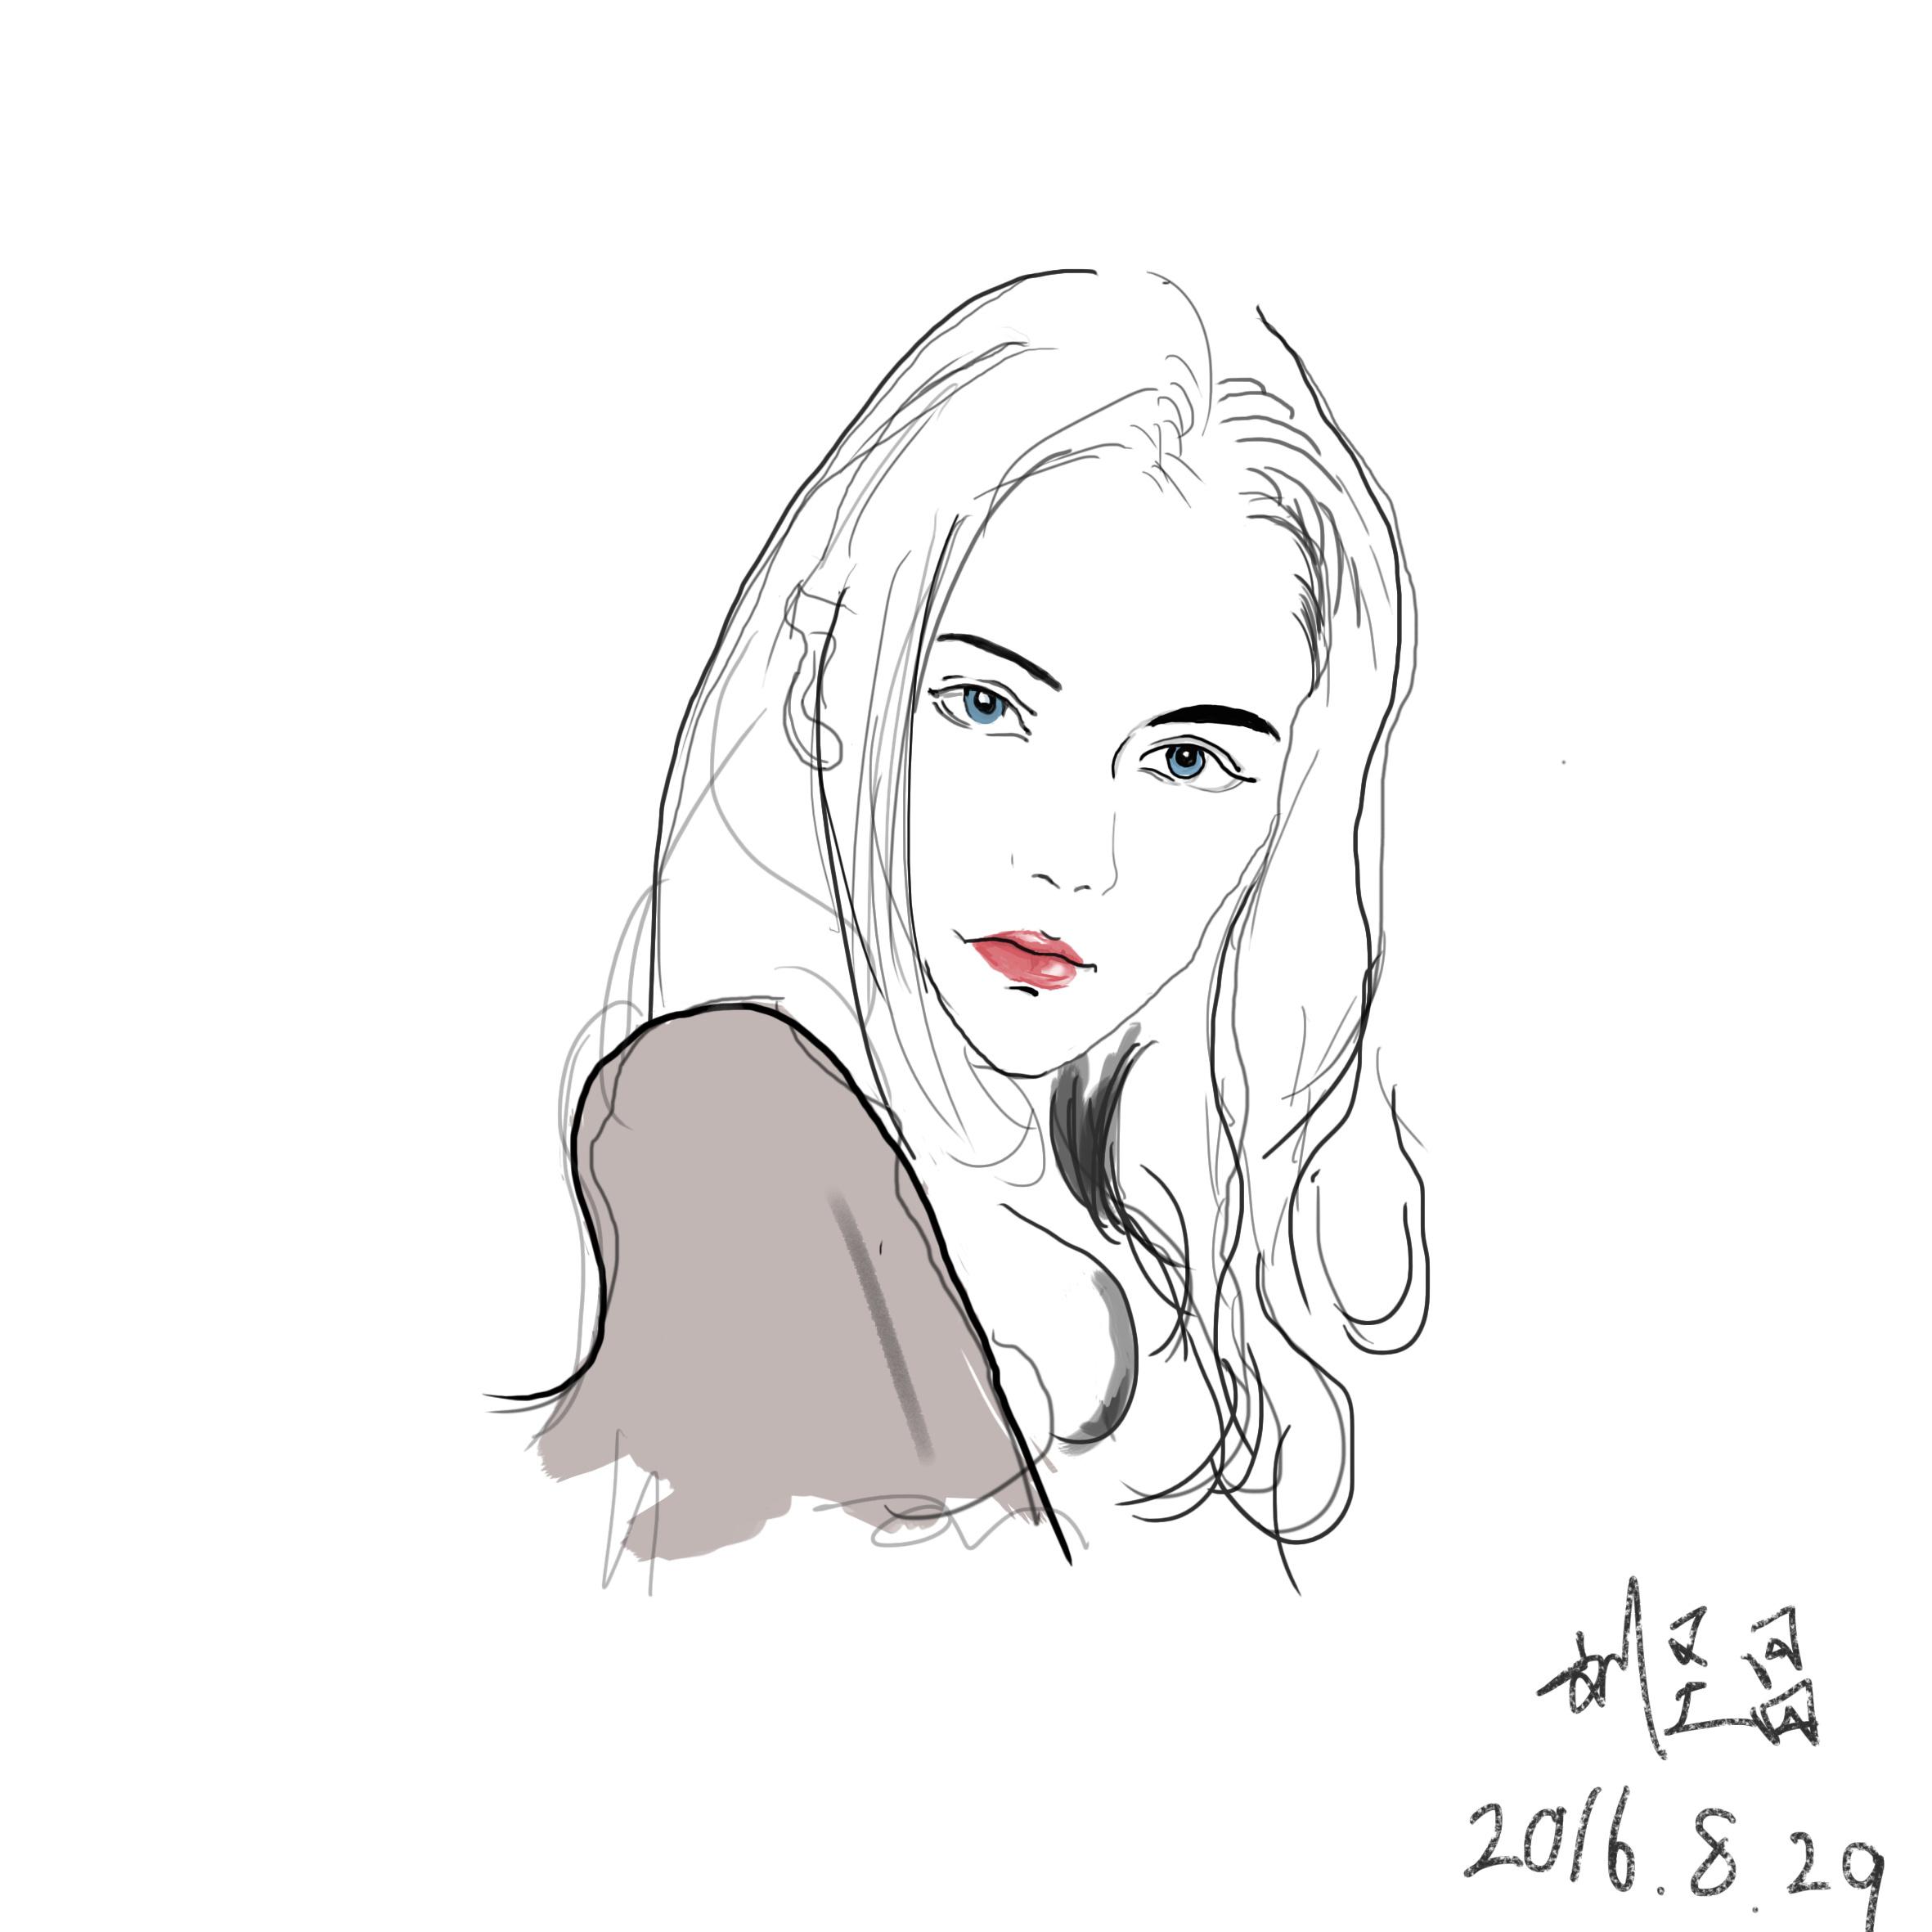 动漫 简笔画 卡通 漫画 手绘 头像 线稿 2362_2362